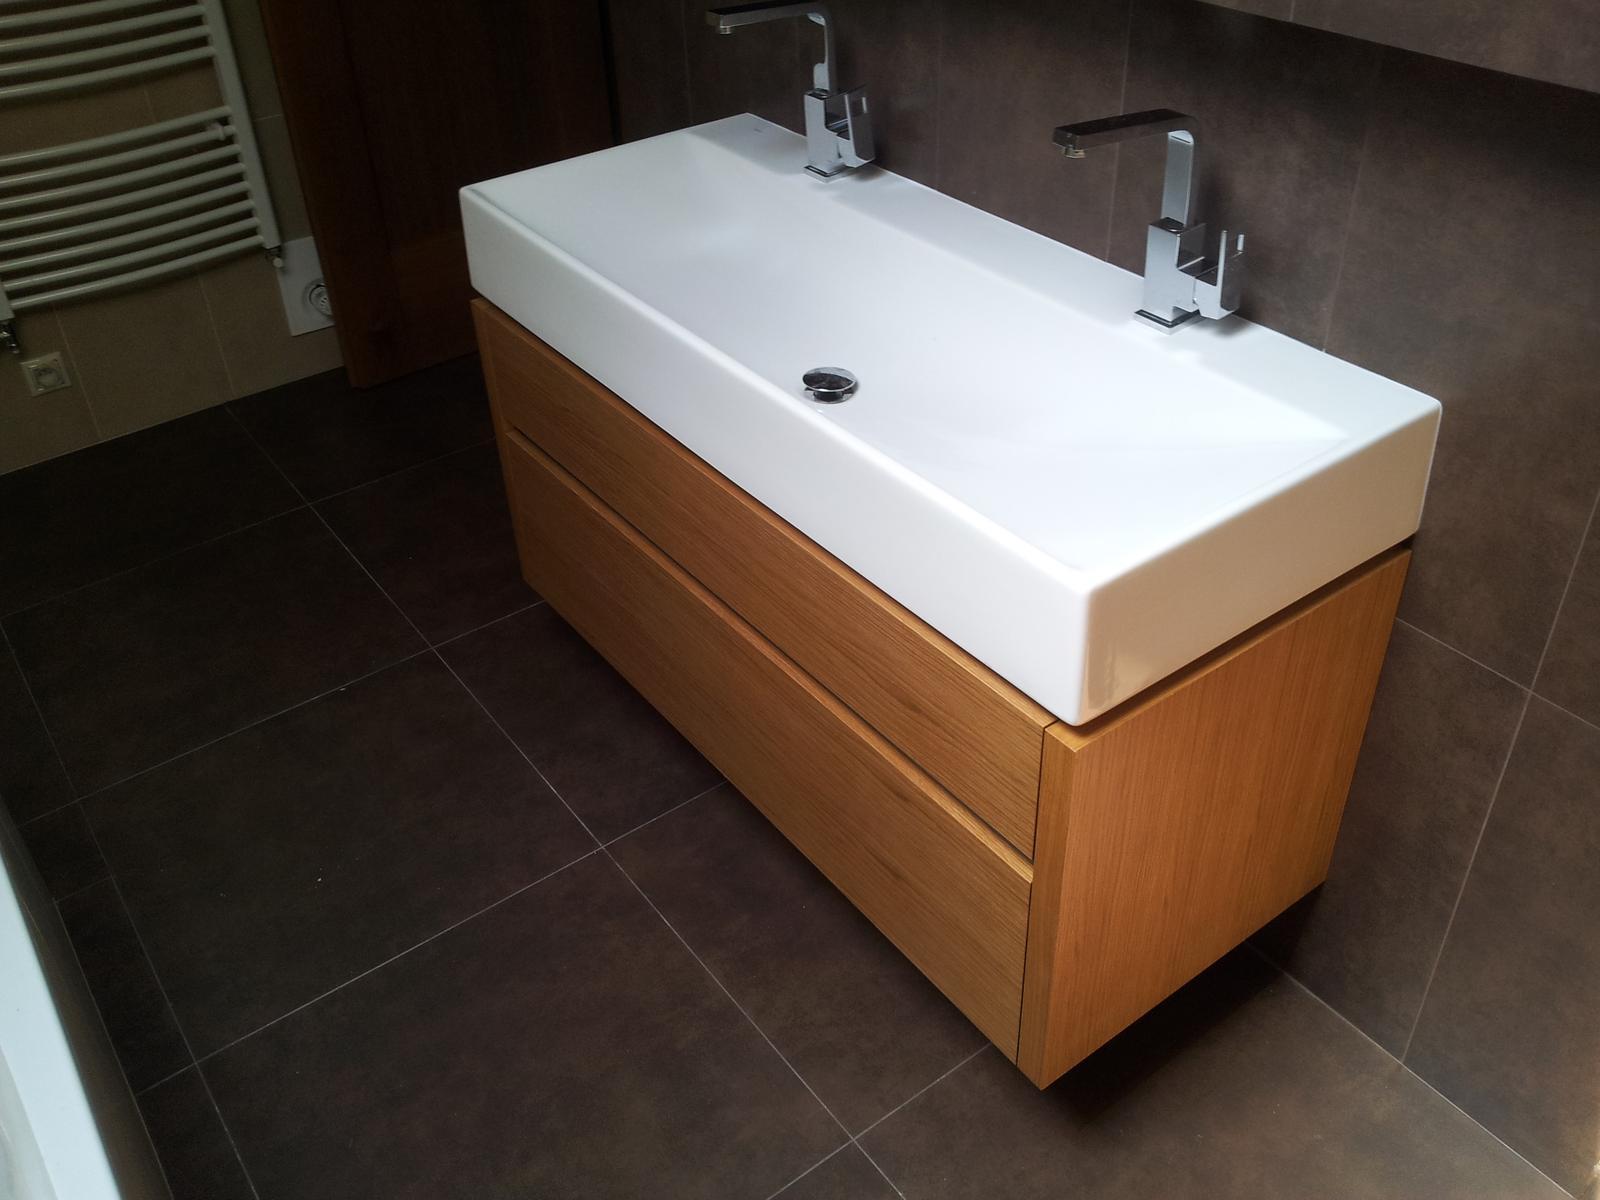 Dizajn a výroba nábytku na mieru Cubica - Dubová kúpeľňová skrinka so zásuvkami - dizajn a výroba cubica